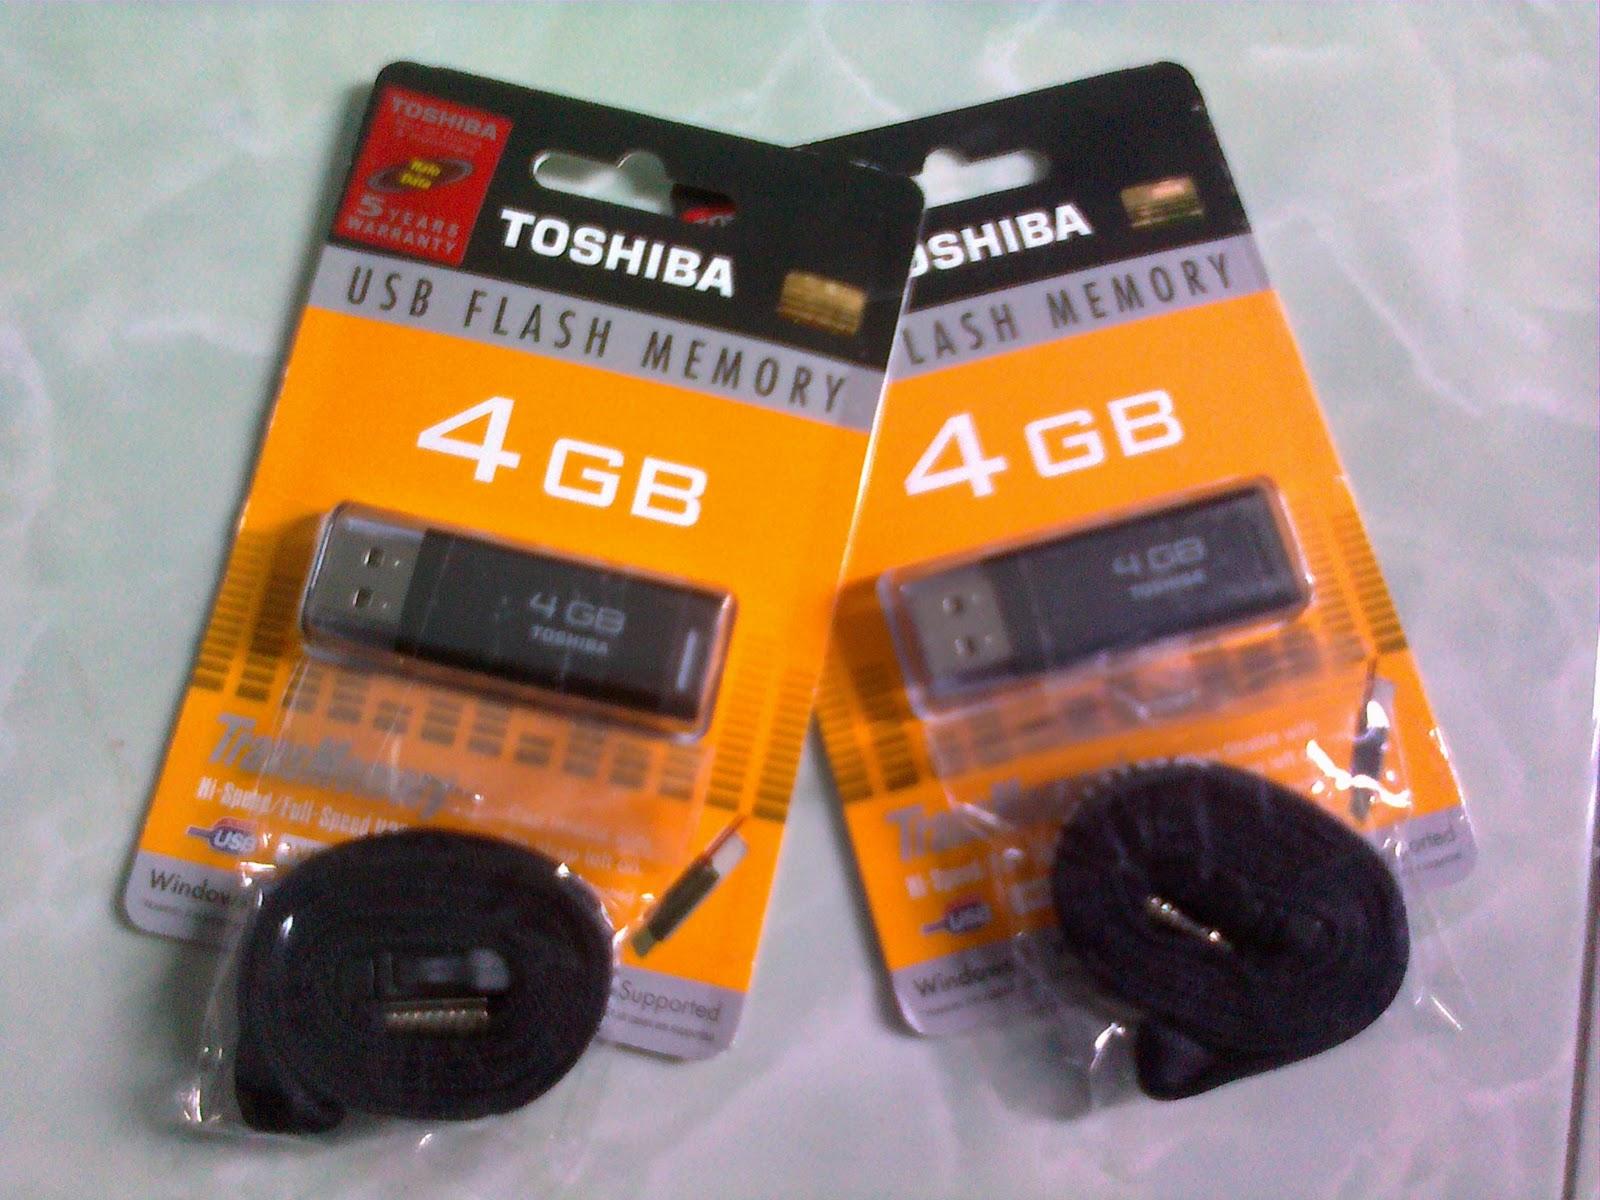 Harga Jual Micro Sd Vgen 4gb Termurah 2018 0480016 Hot Toys Cosbaby 409 Kylo Ren 18403 Daftar Flash Disk Linkar Aha Rp 95000 V Gen